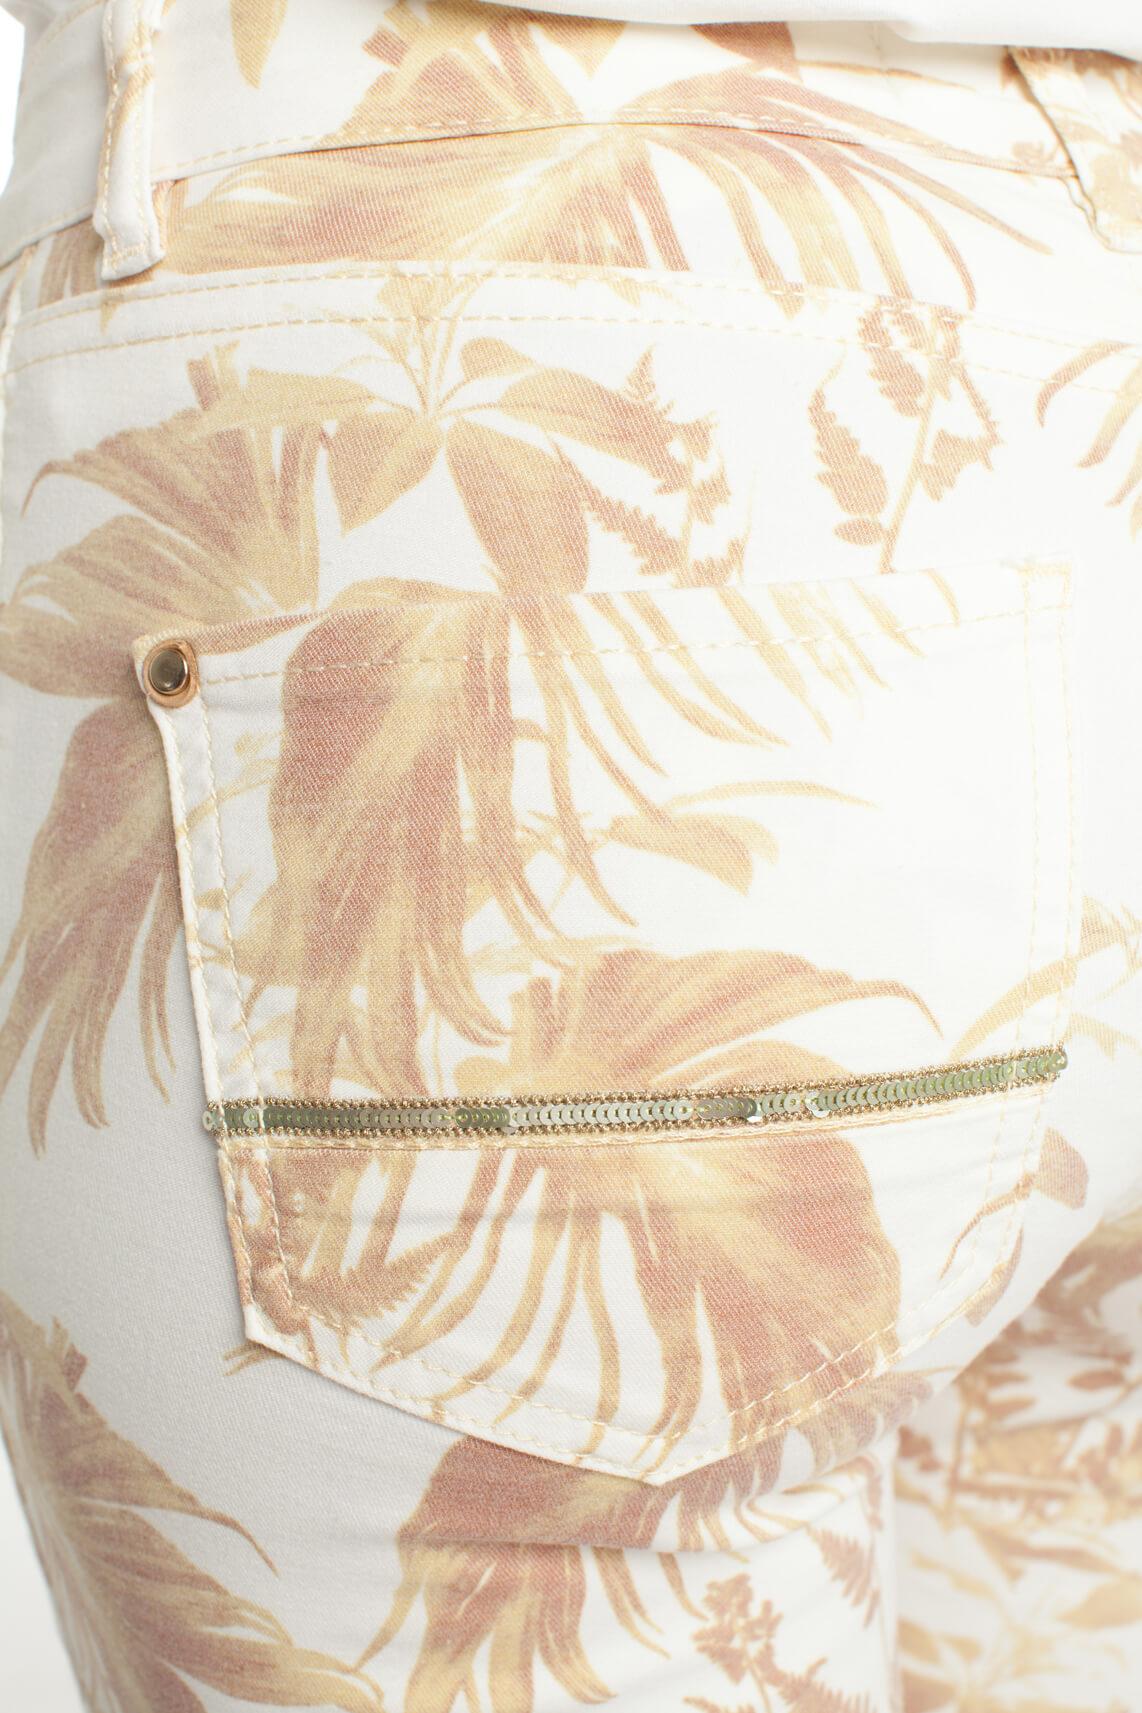 Mos Mosh Dames Sumner Cannes geprinte jeans geel